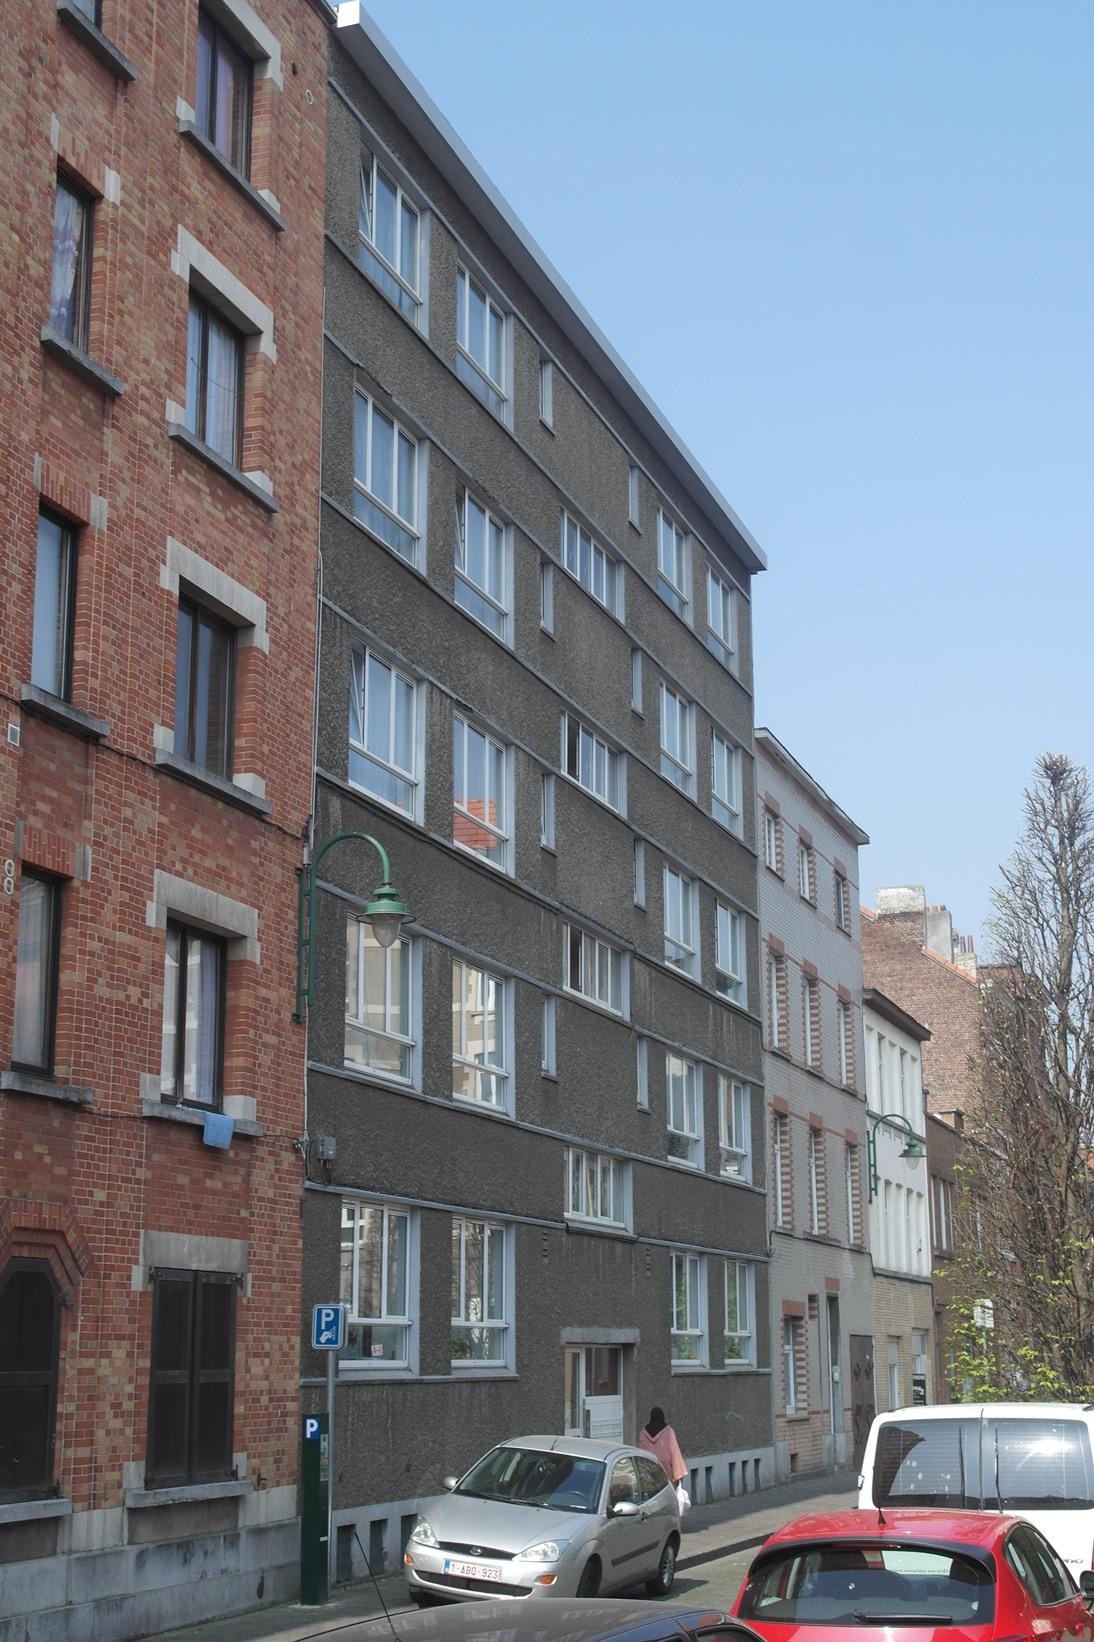 Rue de la Savonnerie21 et rue Delaunoy 79-81, bâtiment côté rue de la Savonnerie, 2015